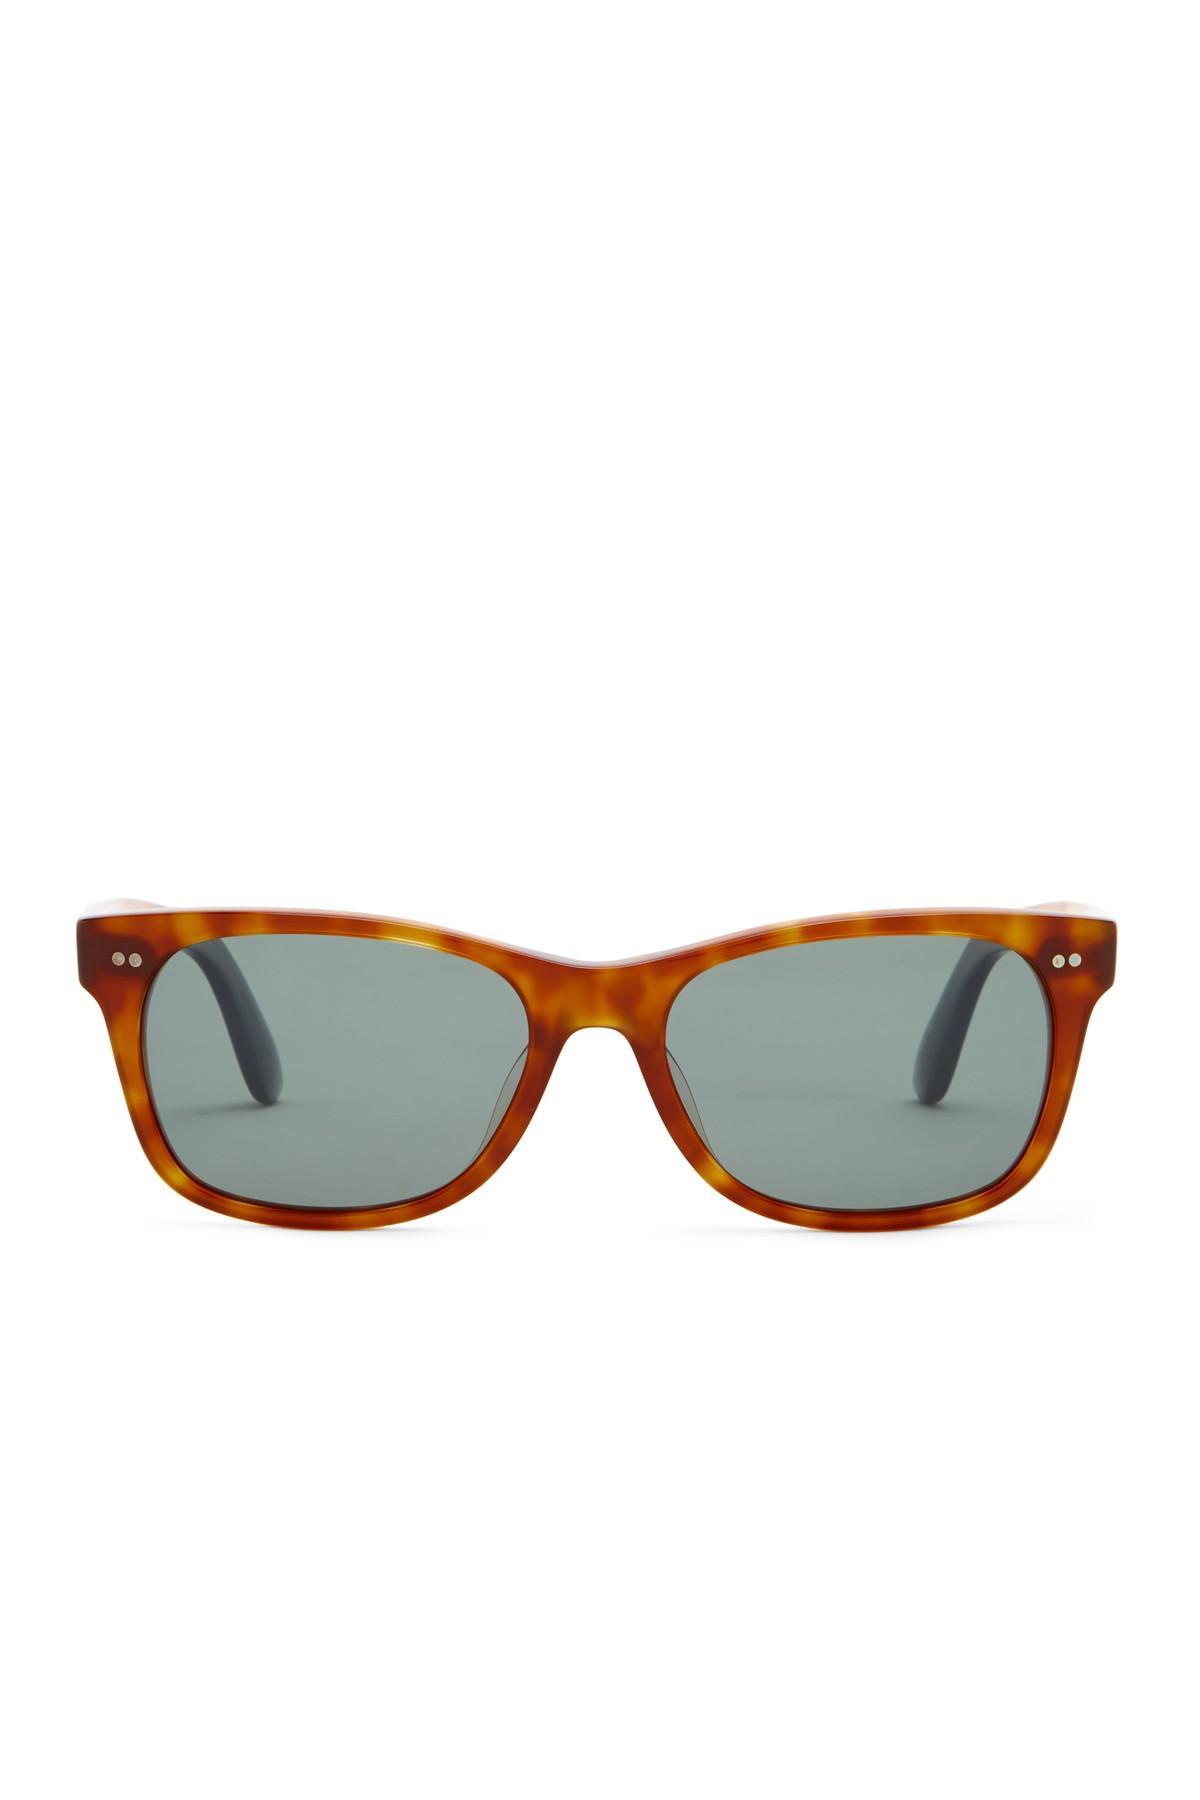 341f2521601 TOMS - Multicolor 51mm Polarized Beachmaster Honey Tortoise Sunglasses for  Men - Lyst. View fullscreen